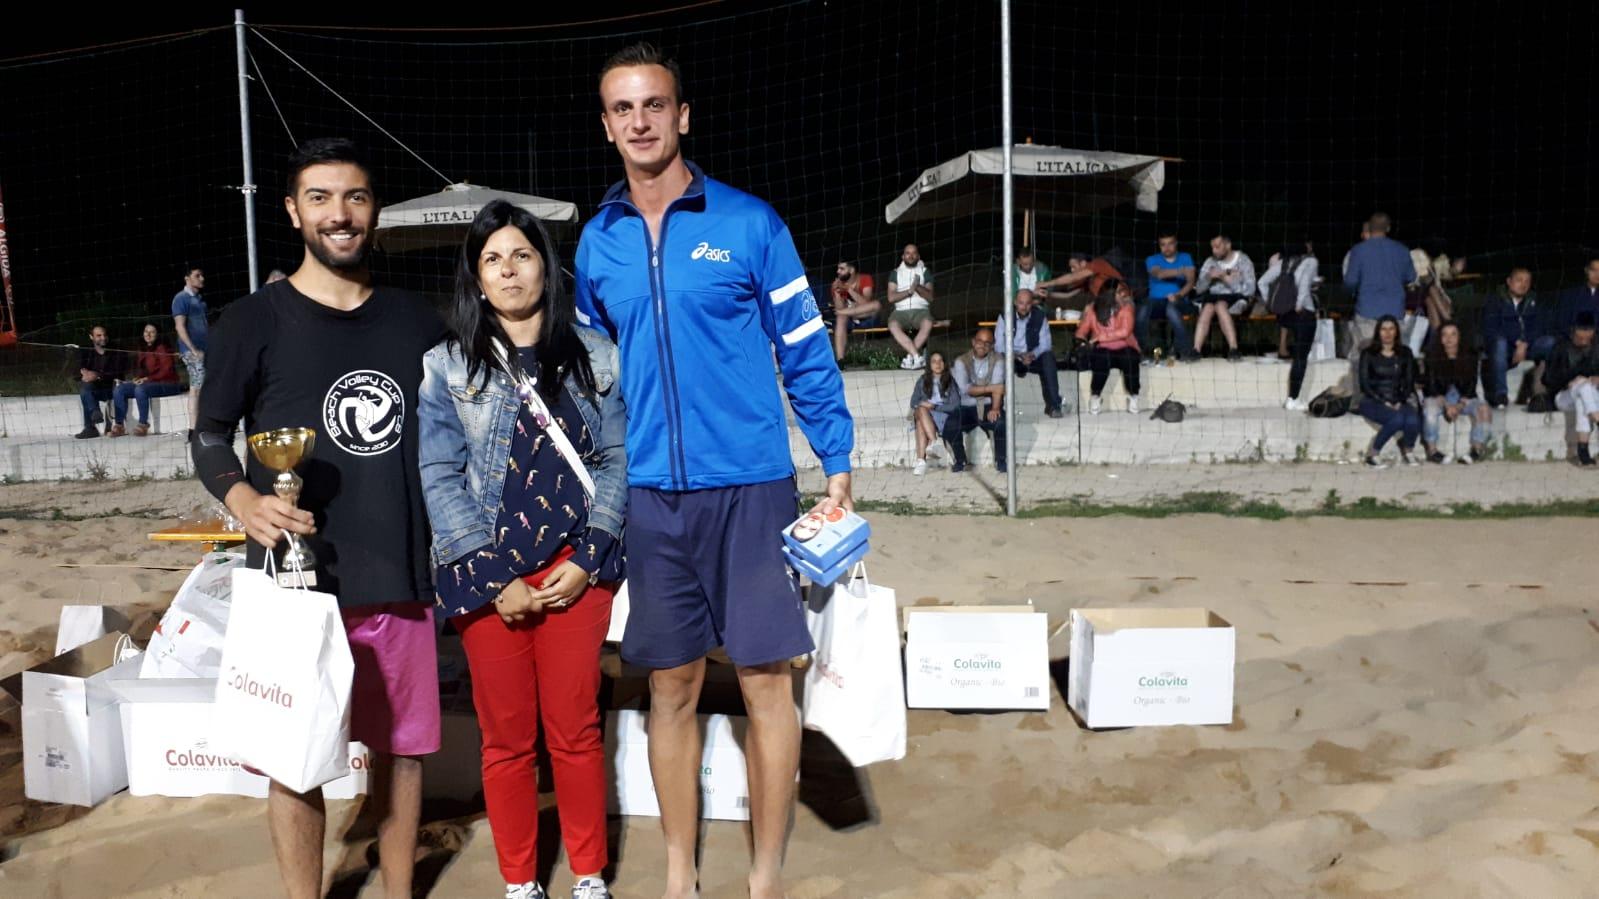 Beach Volley Cup Campobasso, chiude i battenti l'ottava edizione